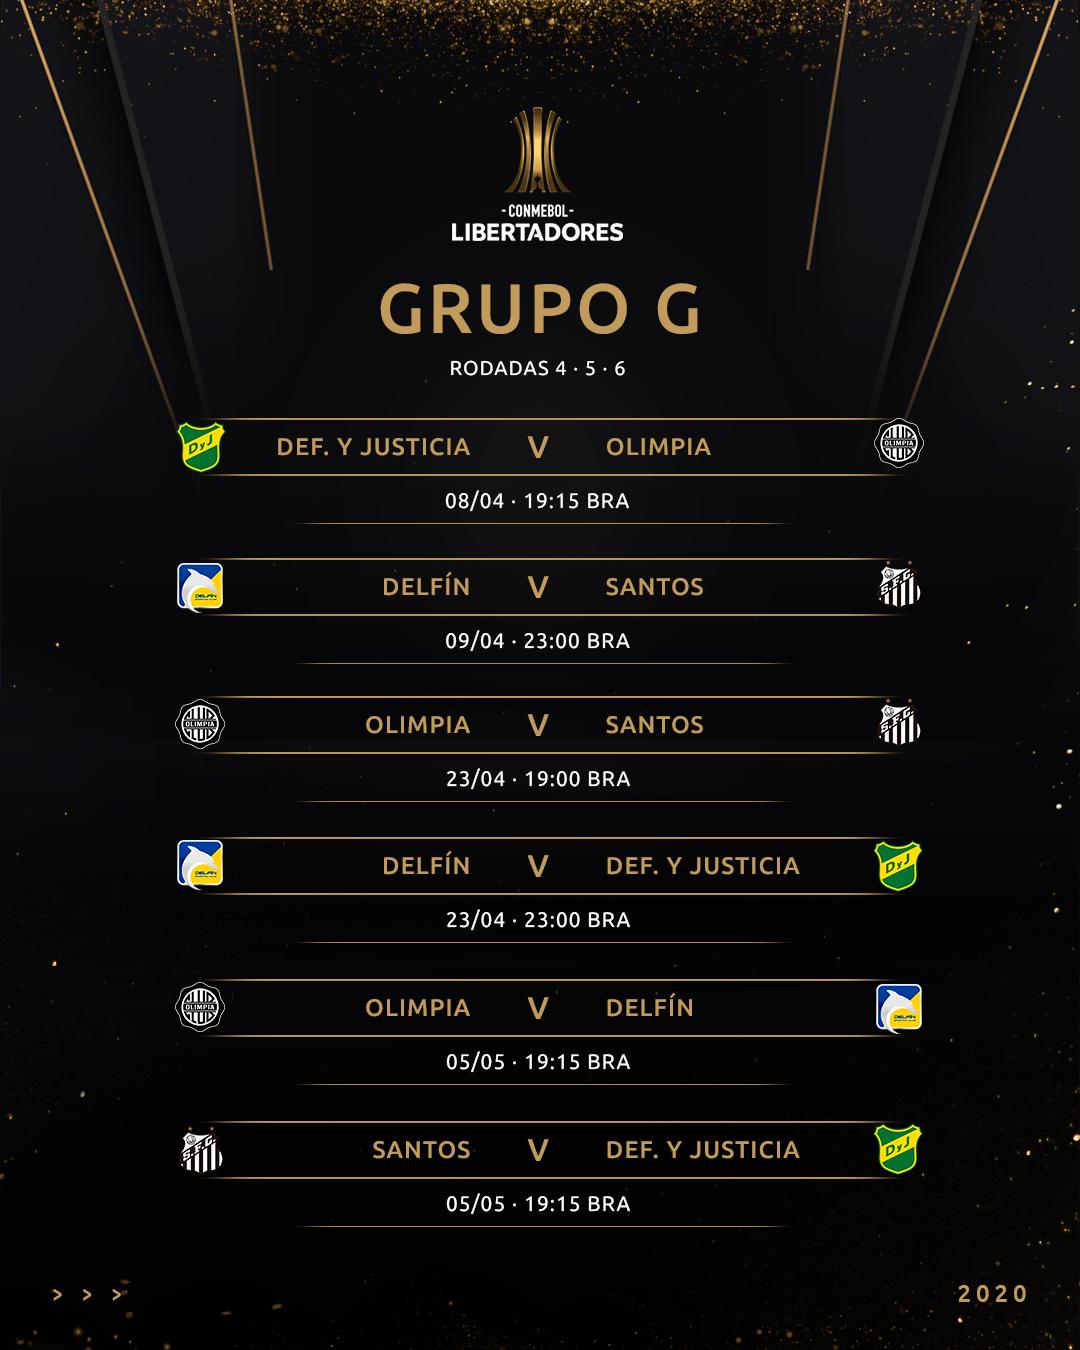 Grupo G Libertadores 4, 5 e 6